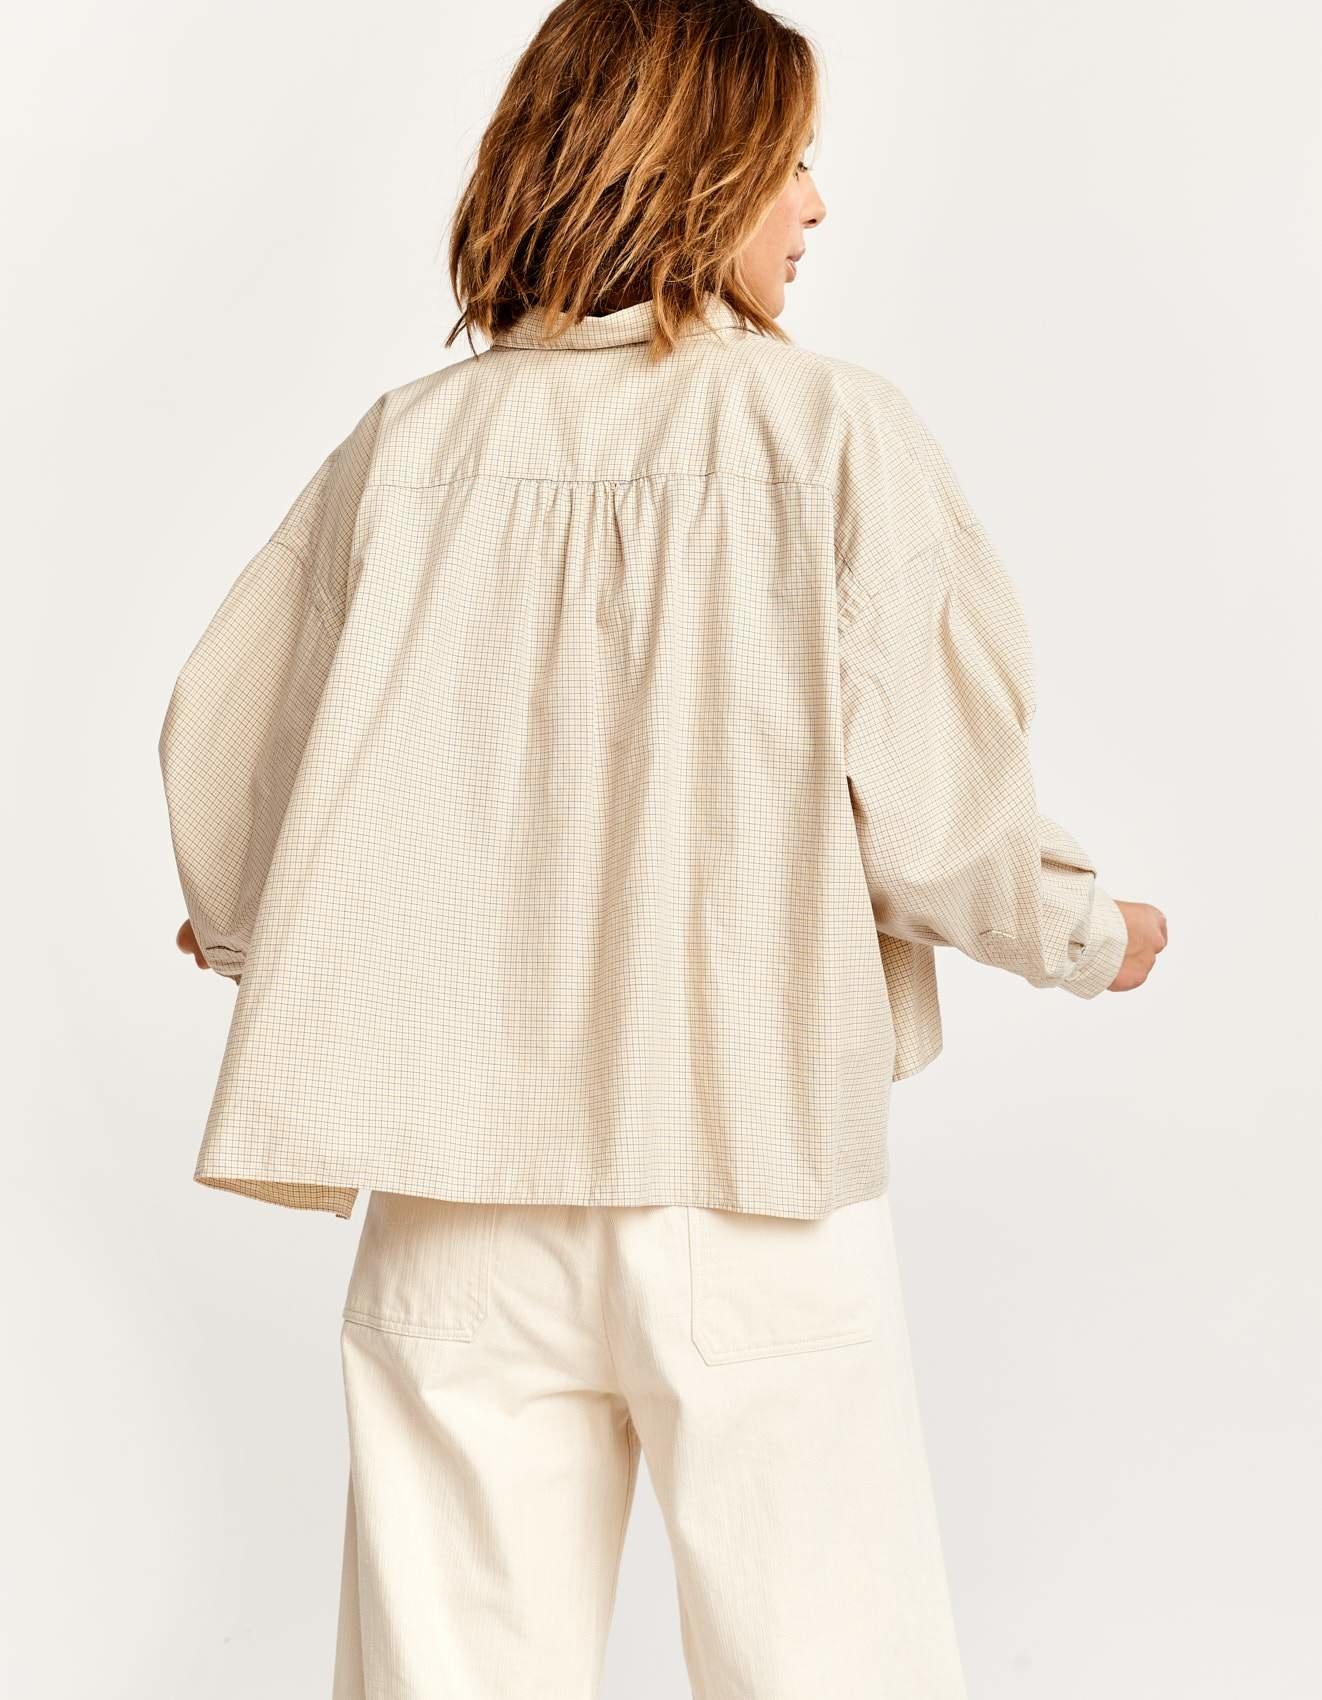 Bellerose Graff Shirt